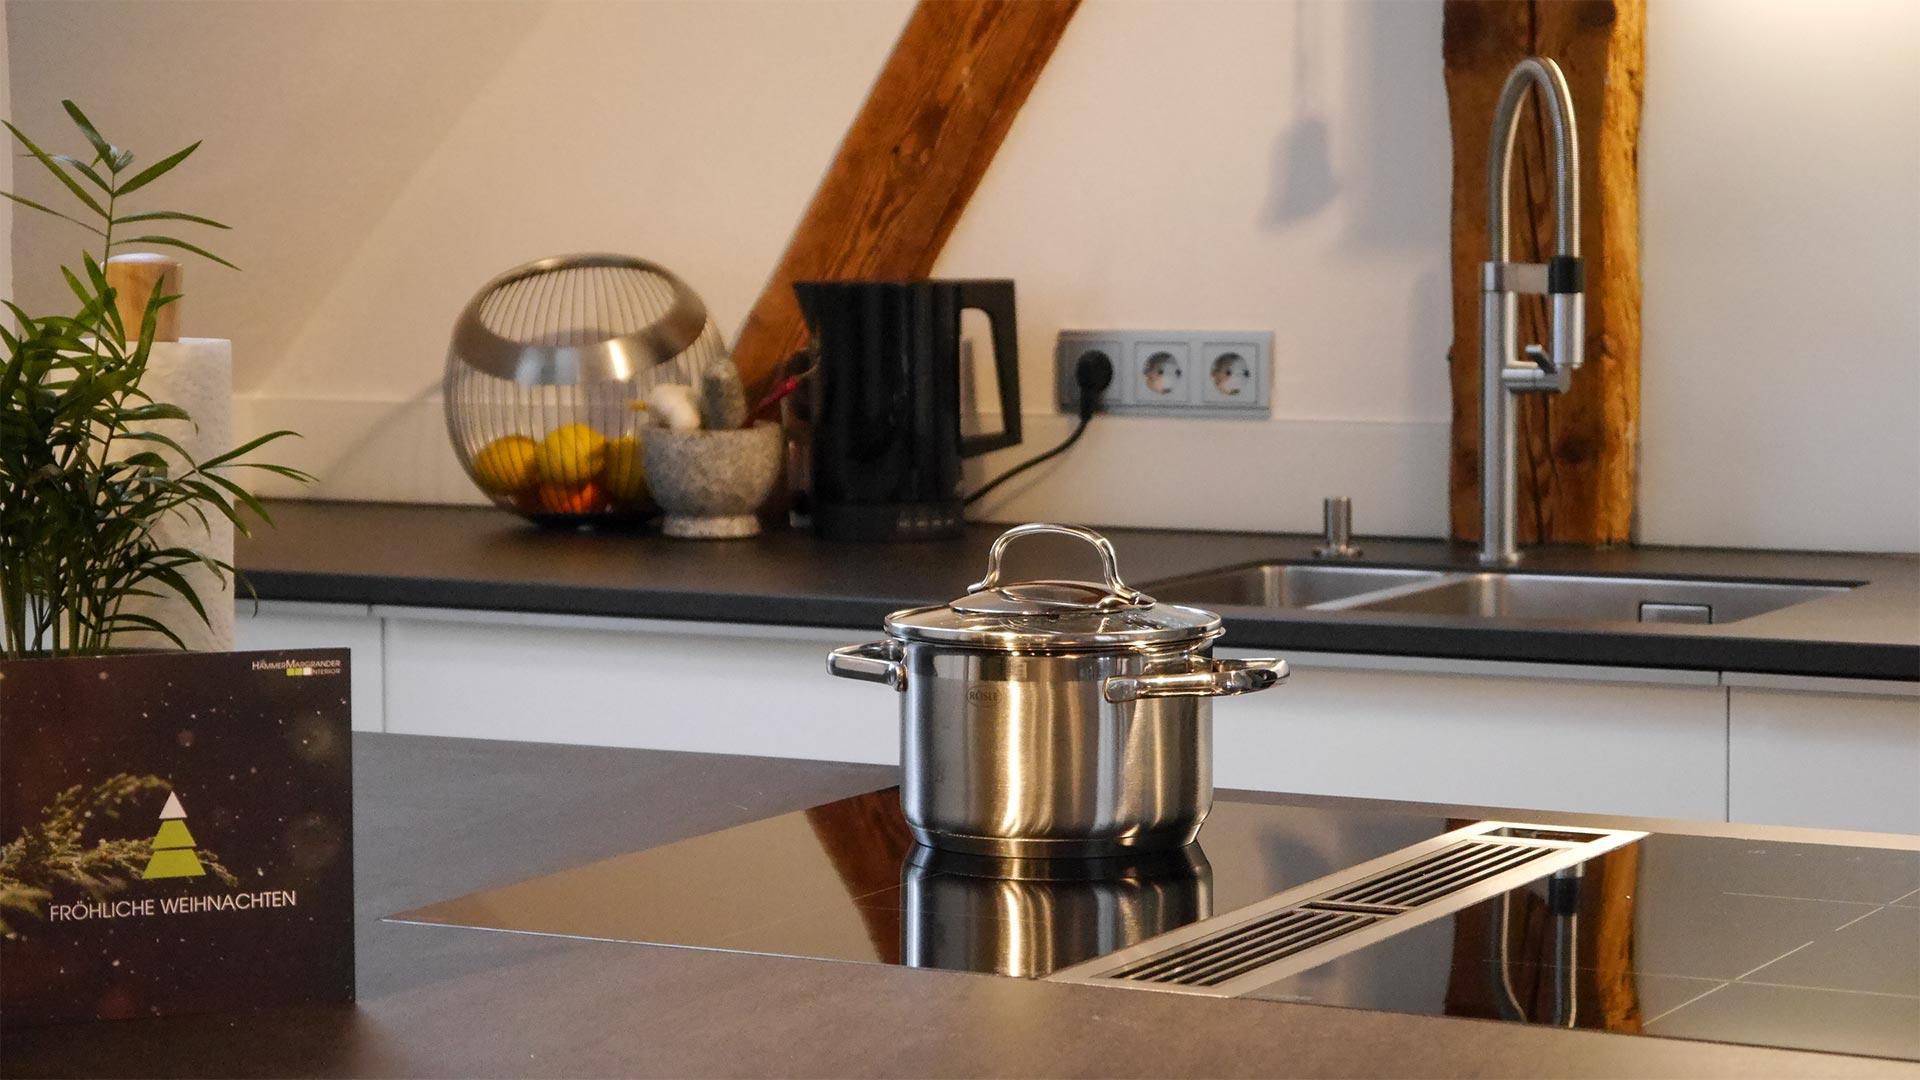 Für unsere Einbauküchen verwenden wir nur die hochwertigsten Komponenten